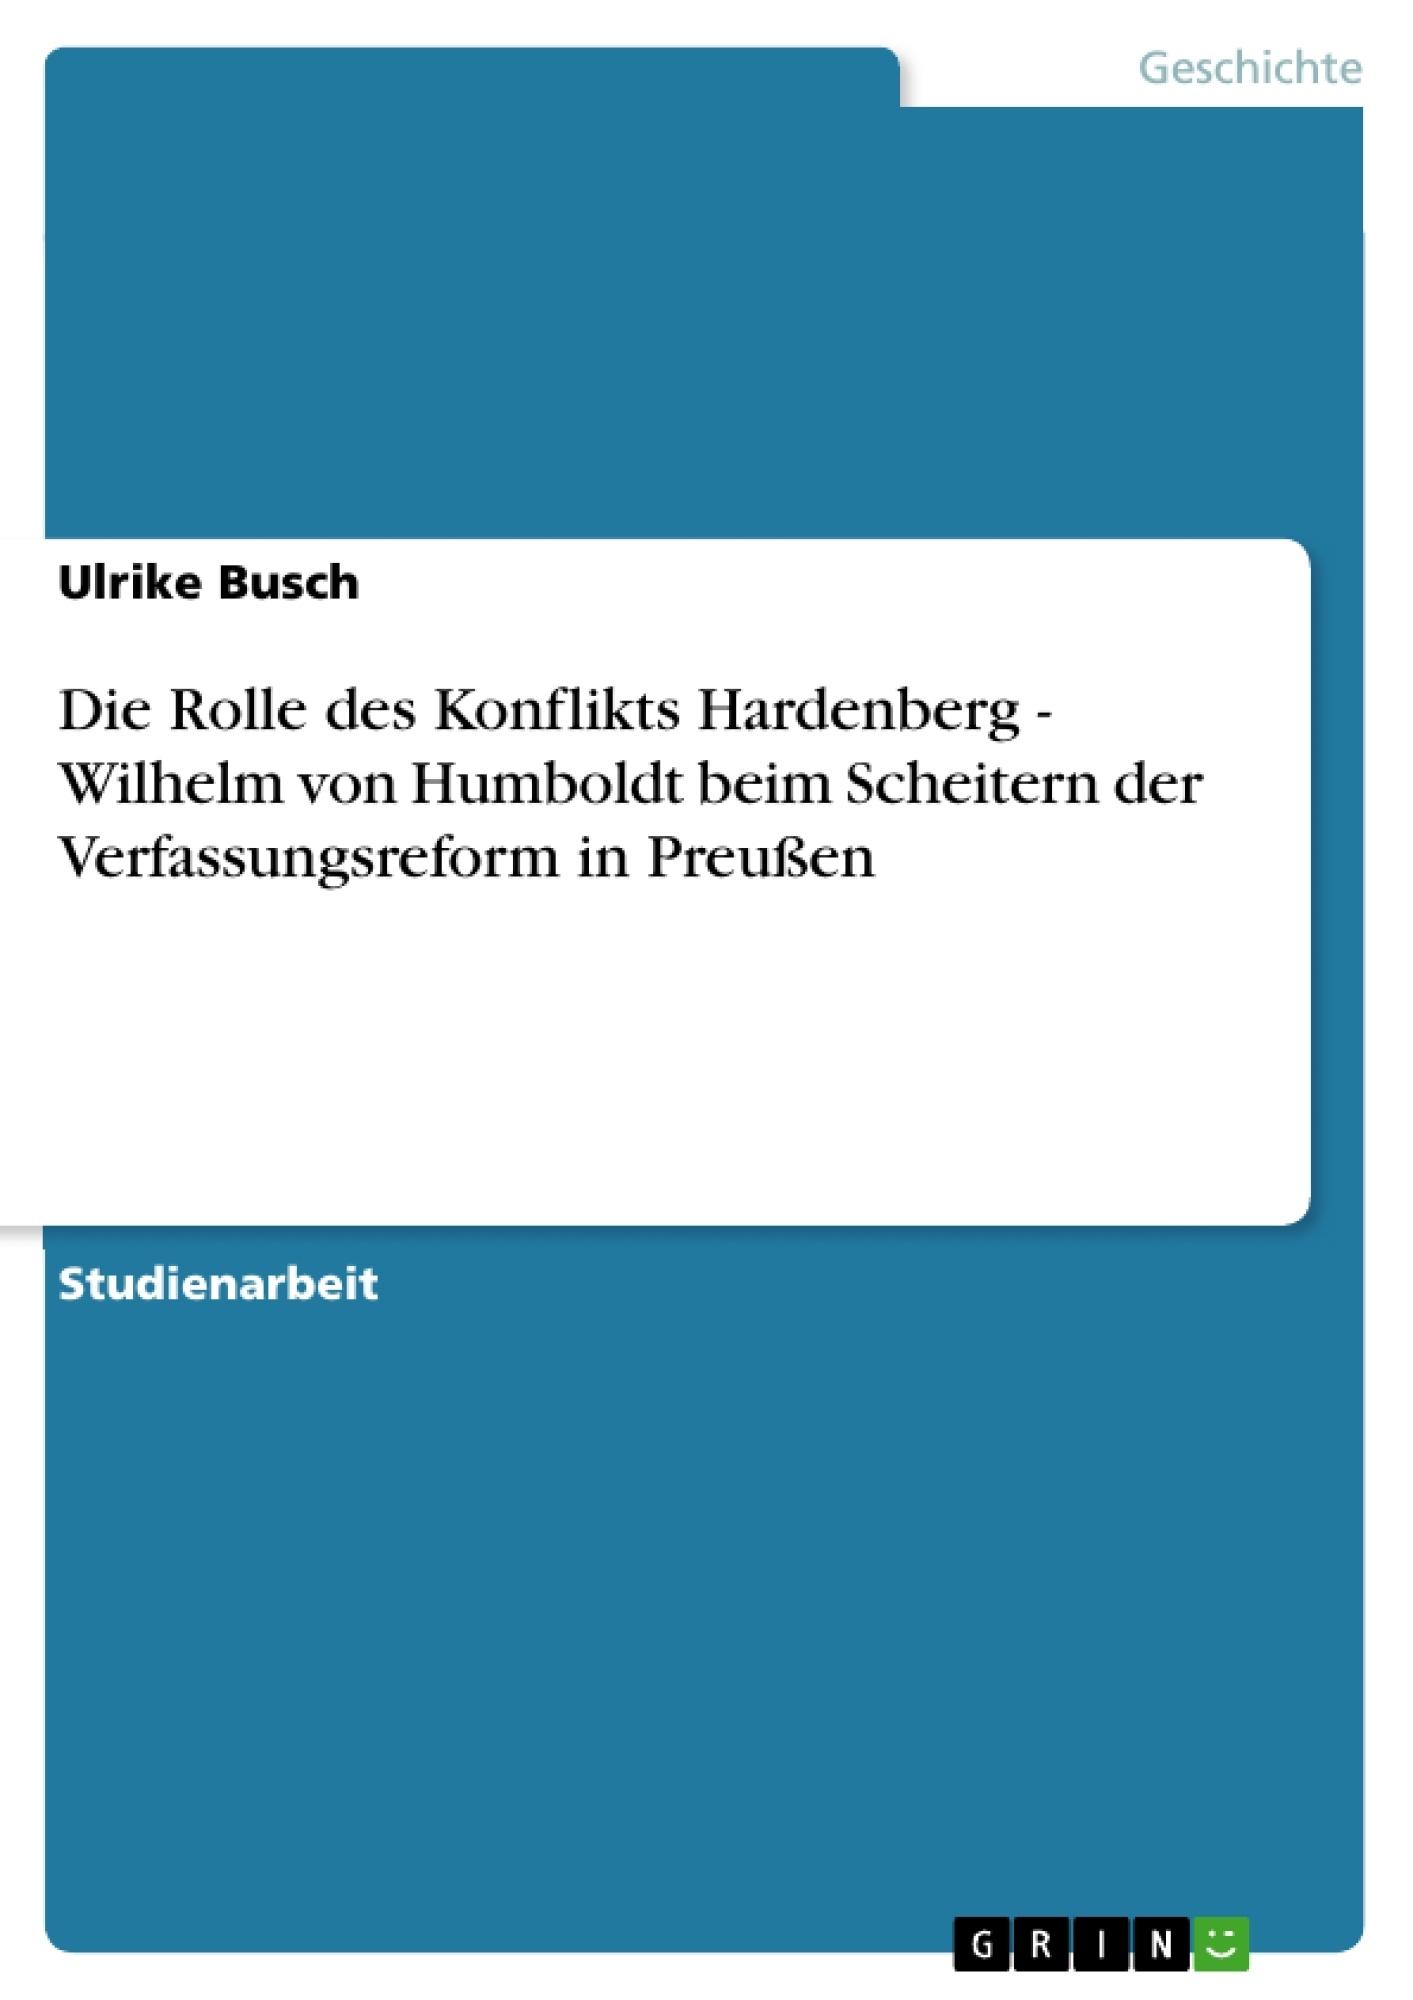 Titel: Die Rolle des Konflikts Hardenberg - Wilhelm von Humboldt beim Scheitern der Verfassungsreform in Preußen